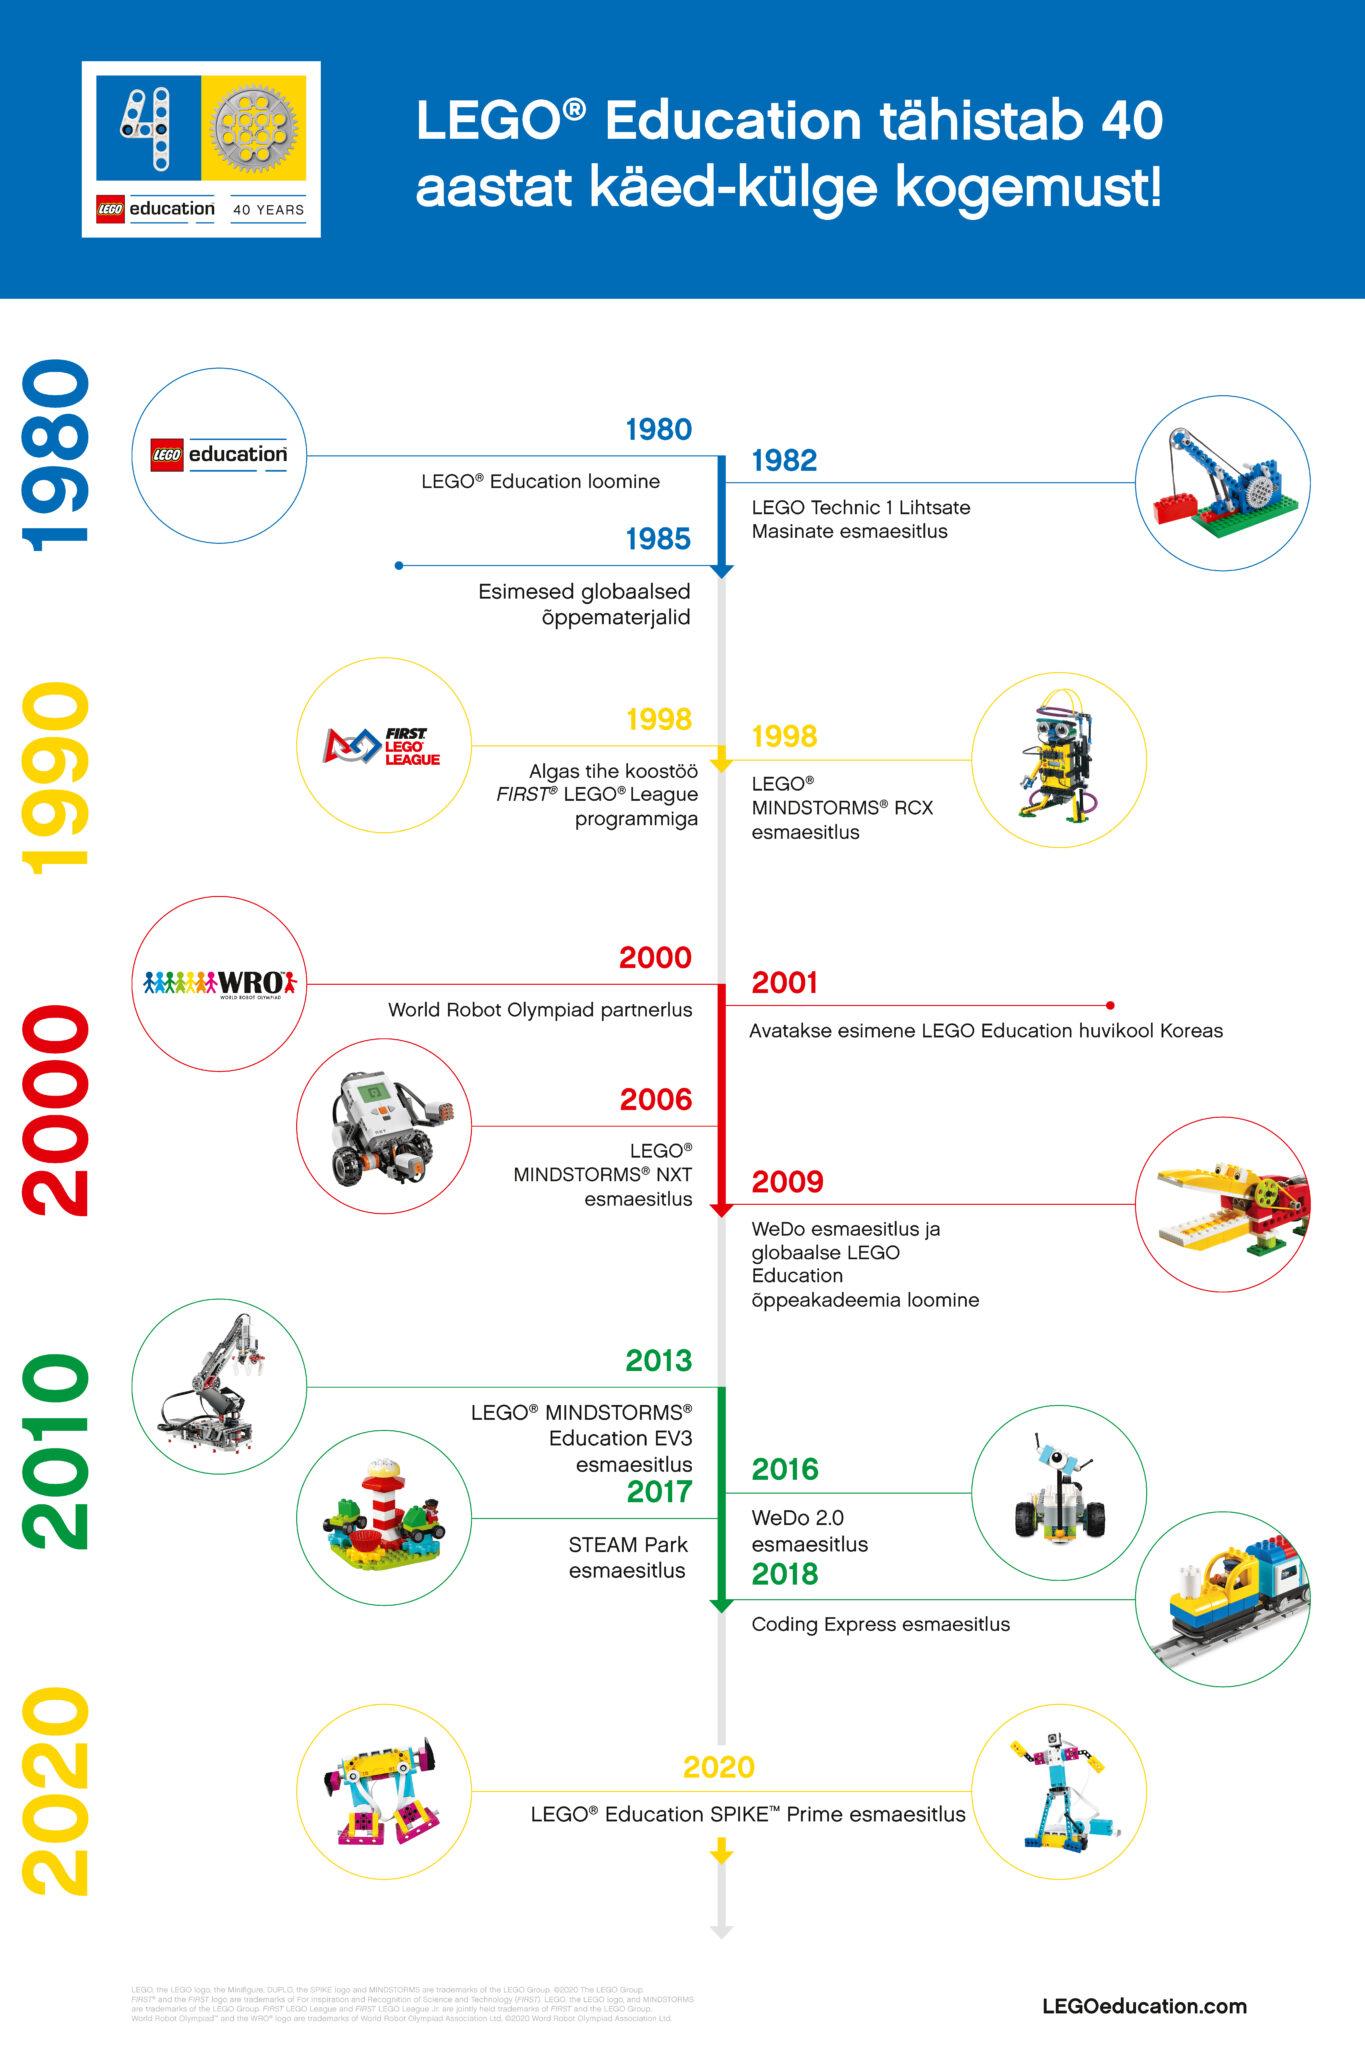 LEGO Education 40